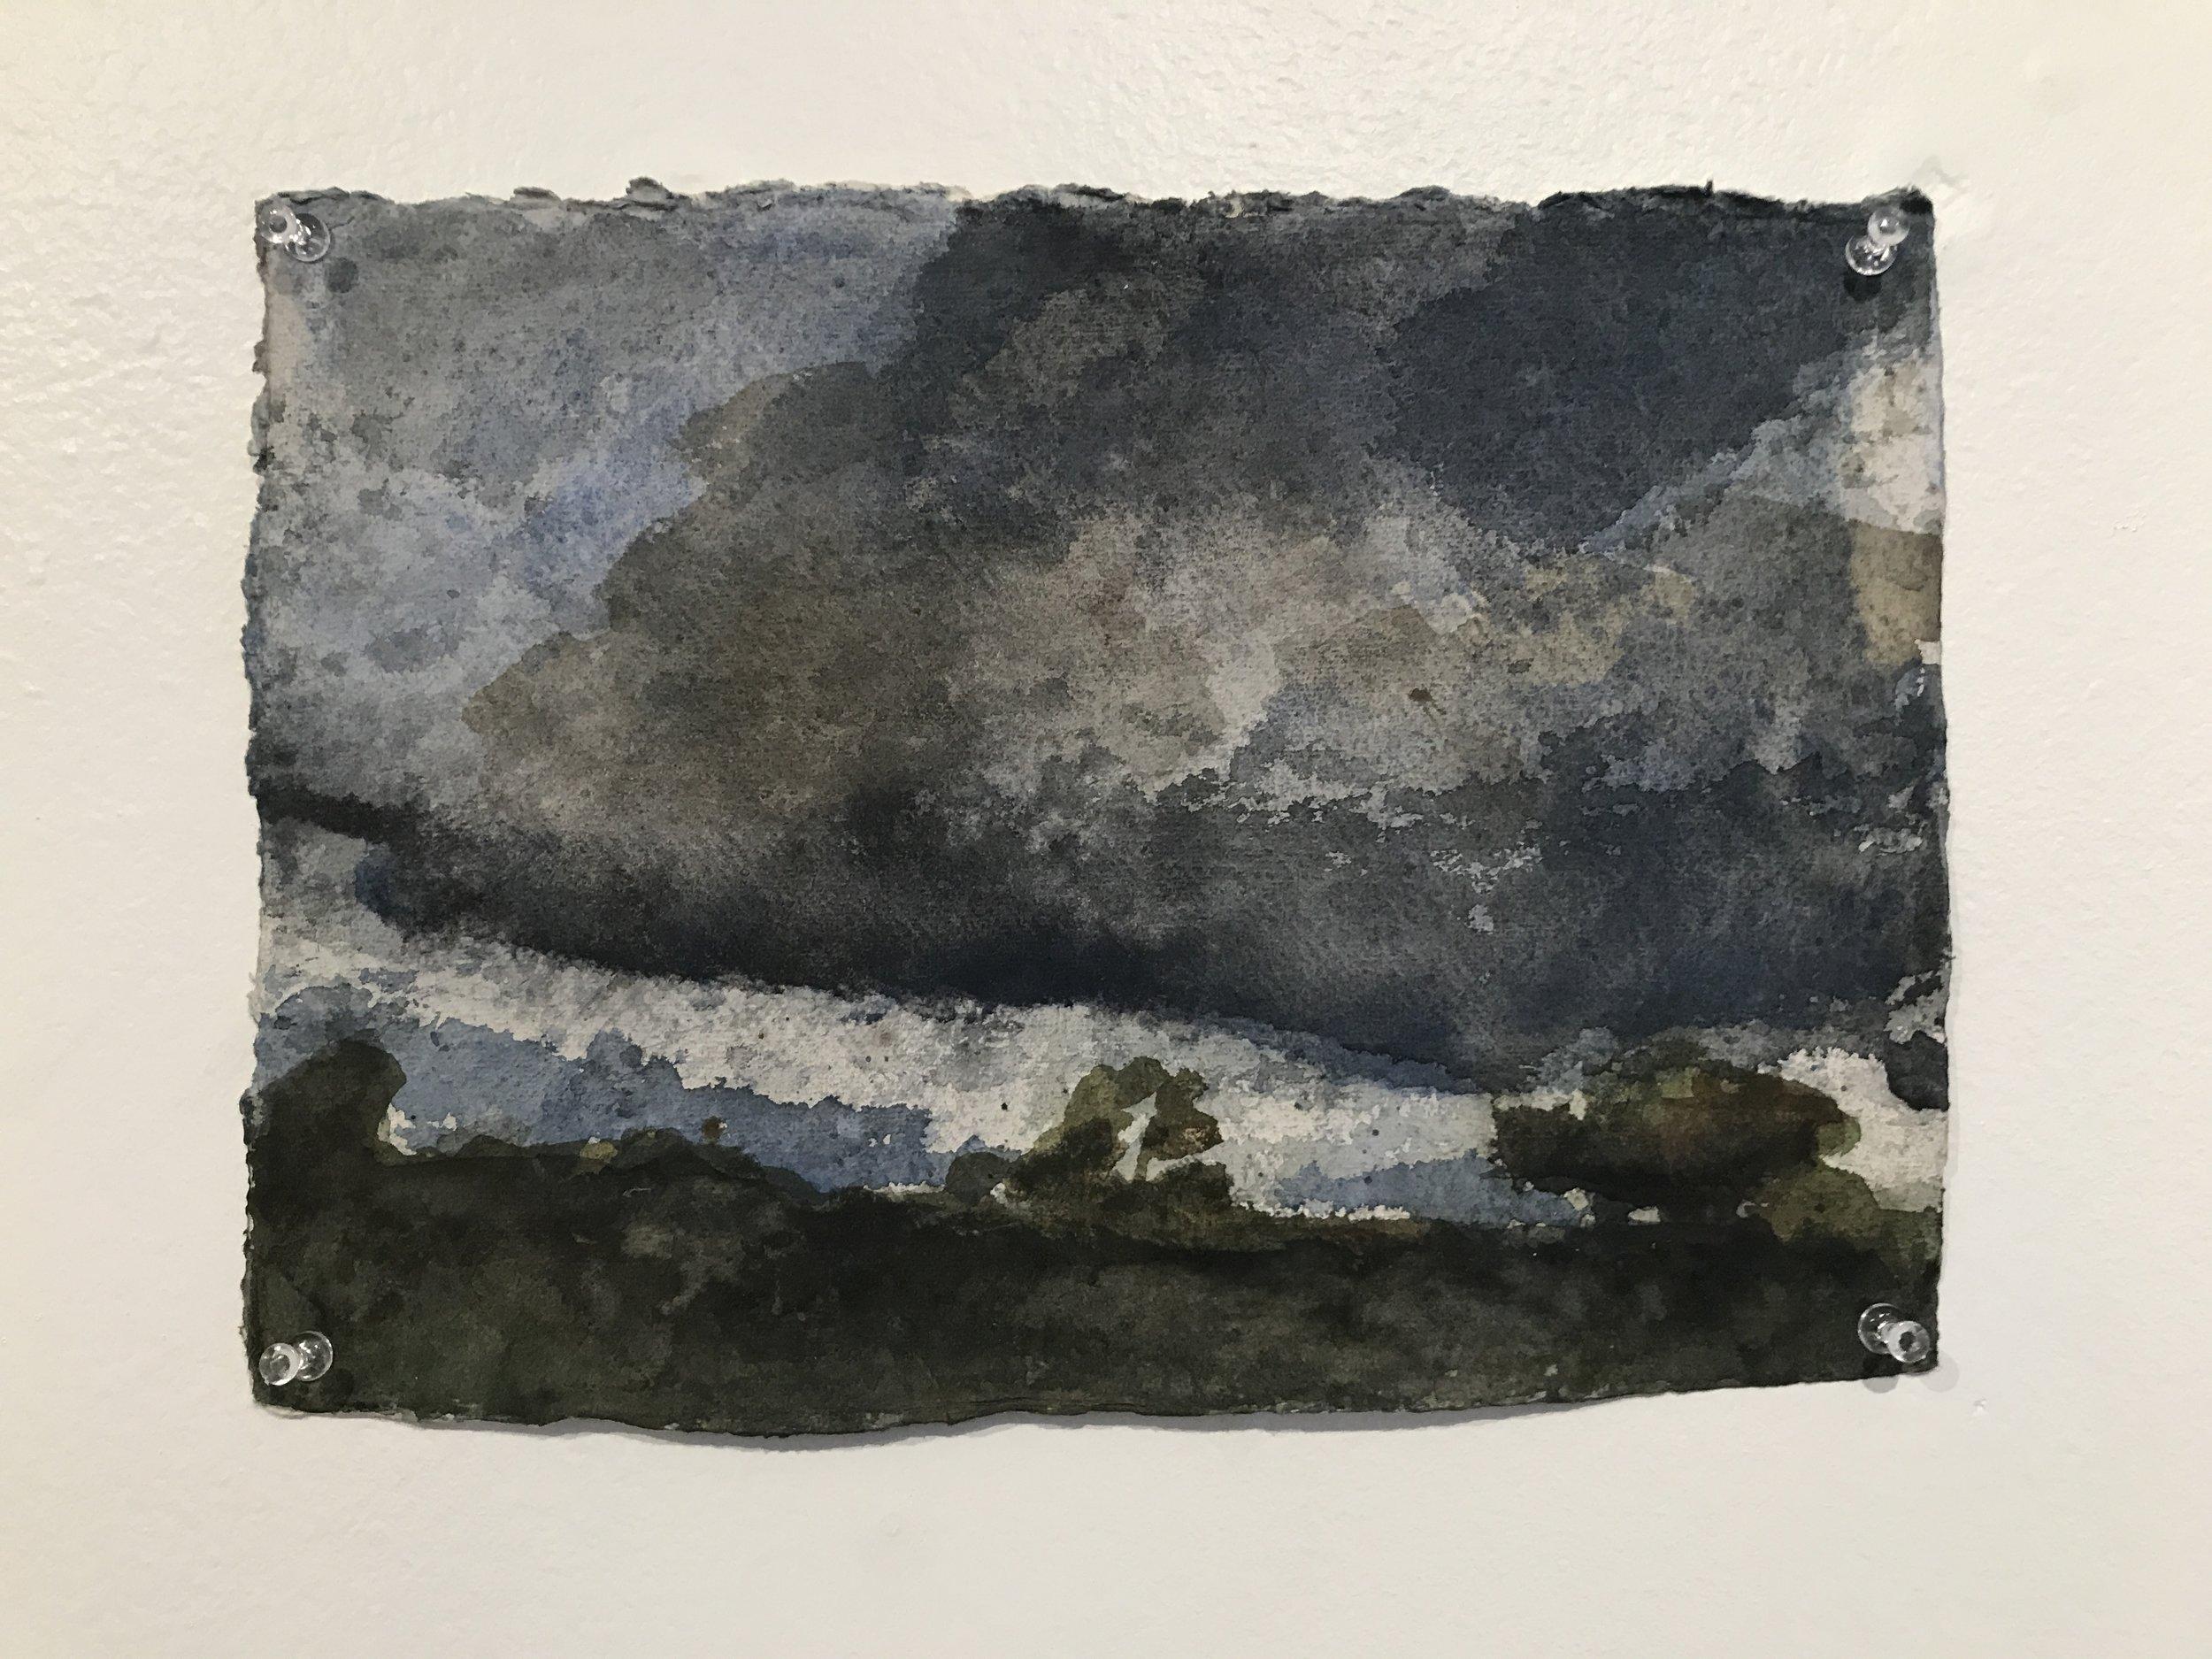 Bleak Mesa | 2010 | watercolor on khadi paper | 9 x 12 1⁄4 in.